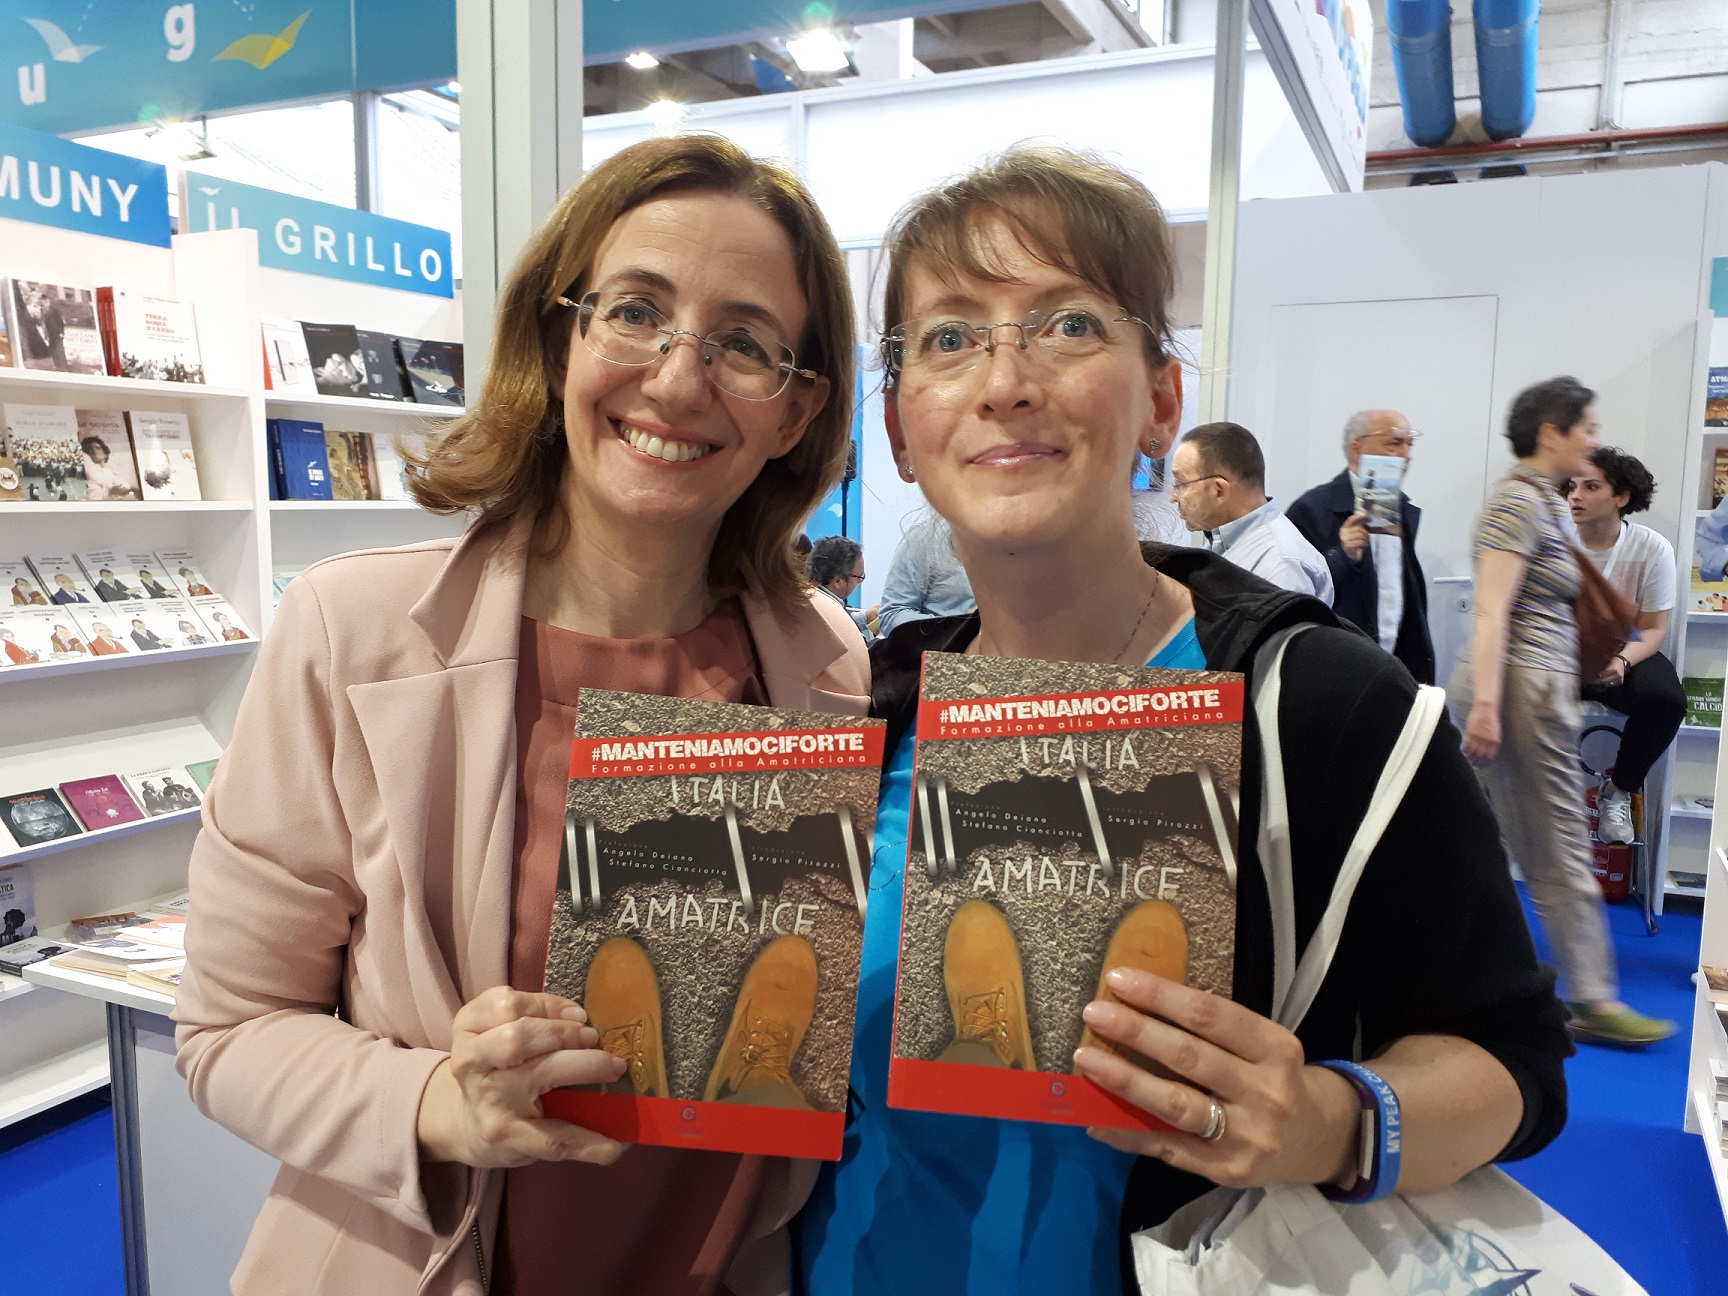 Salone del Libro di Torino 2018 - Manteniamoci Forte